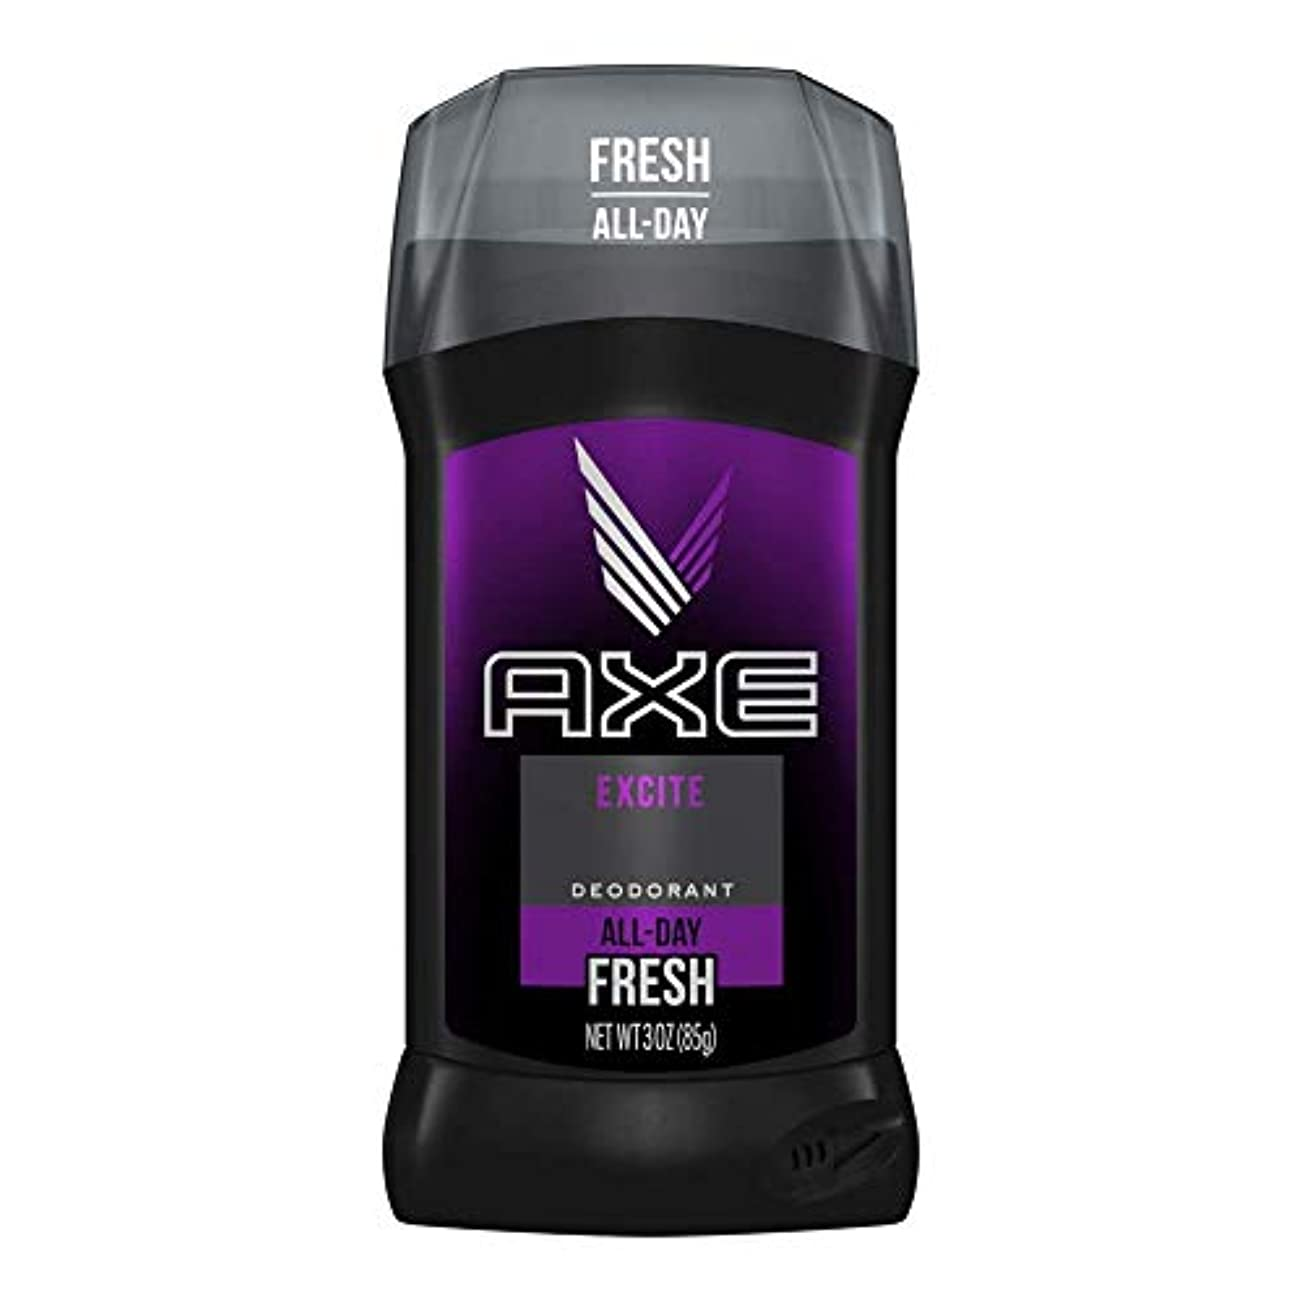 受信野心的悲鳴AXE Excite Deodorant Stick 3 oz 2 pack [並行輸入品]